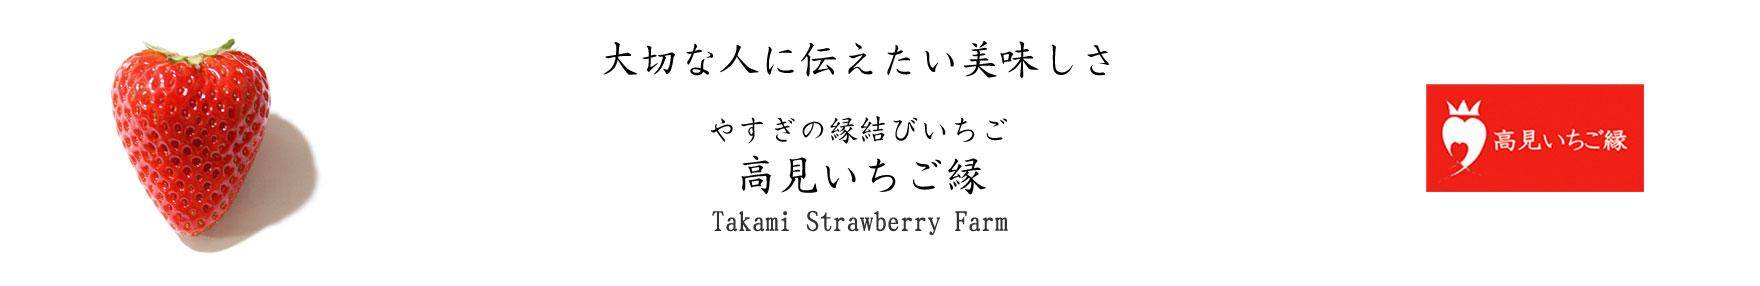 島根県安来市のいちご農園 大切な人に伝えたい美味しさ 高見いちご縁